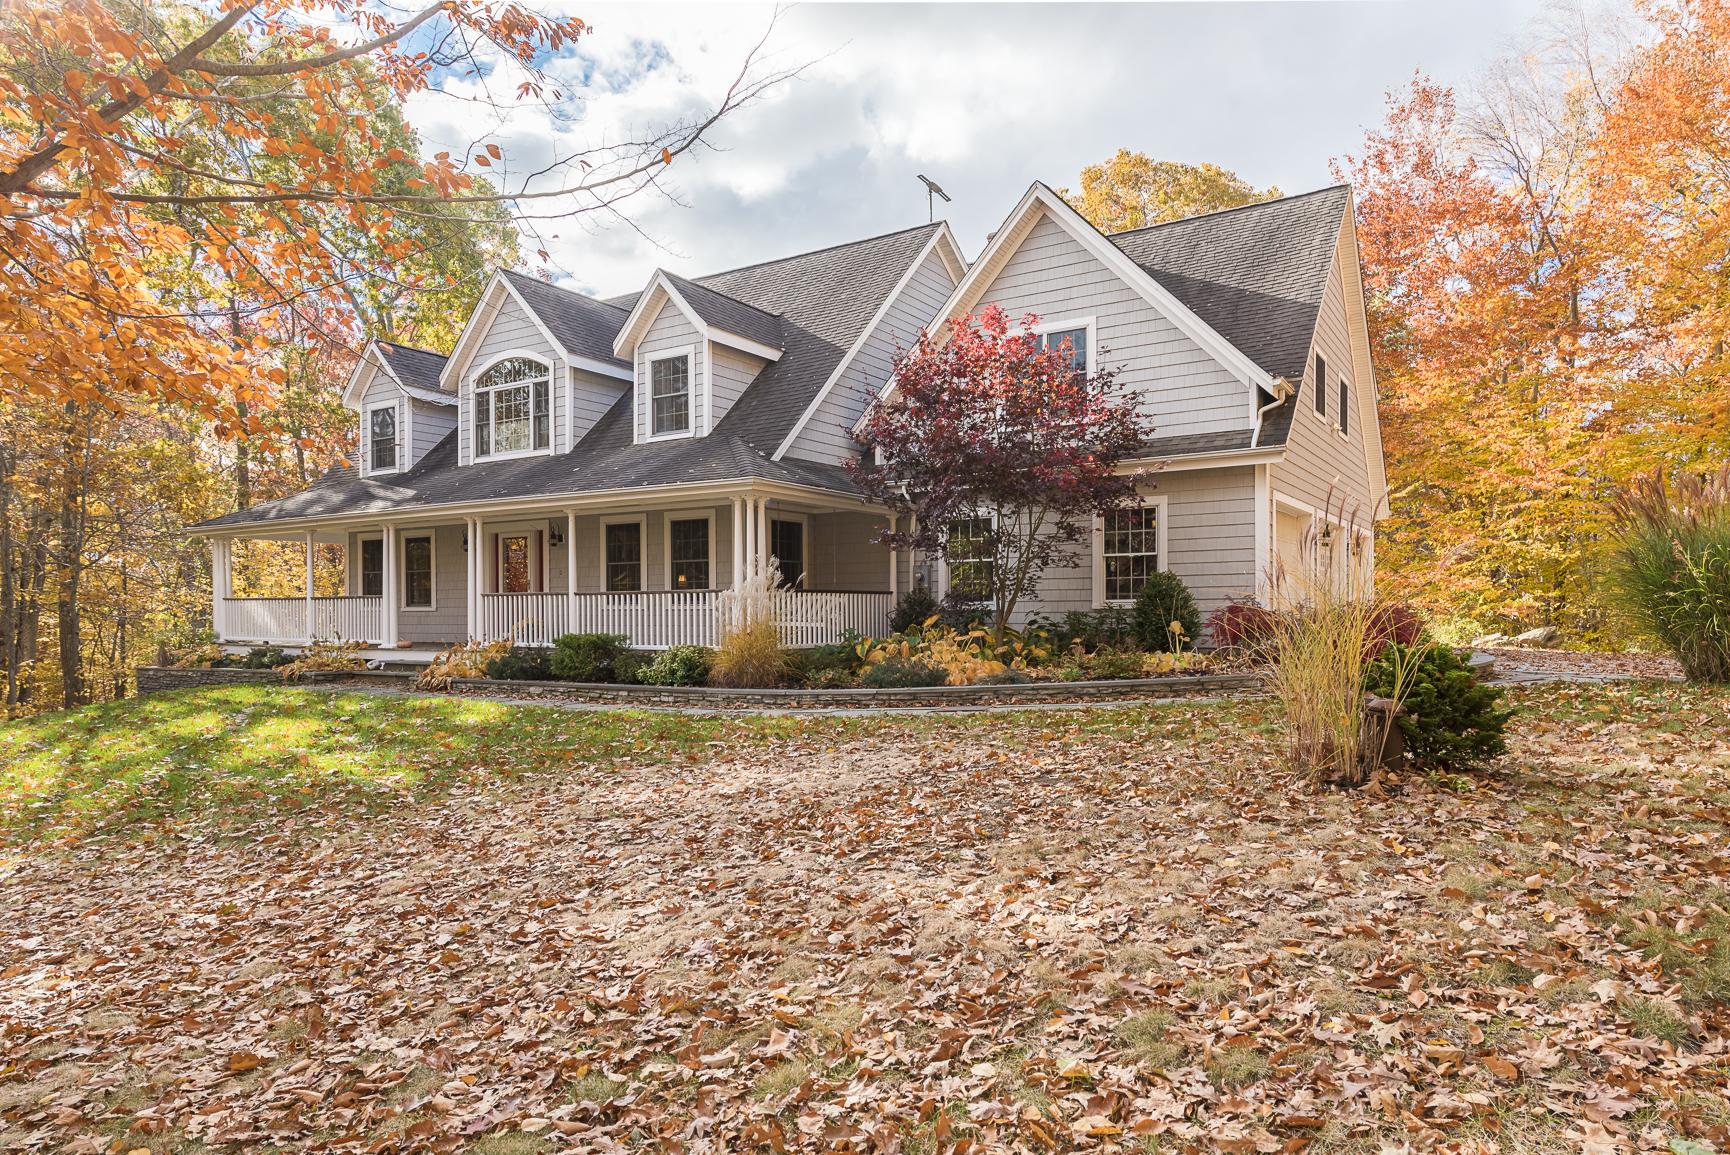 独户住宅 为 销售 在 Entertainers Delight 37 Overlook Dr 韦斯特布鲁克, 康涅狄格州, 06498 美国